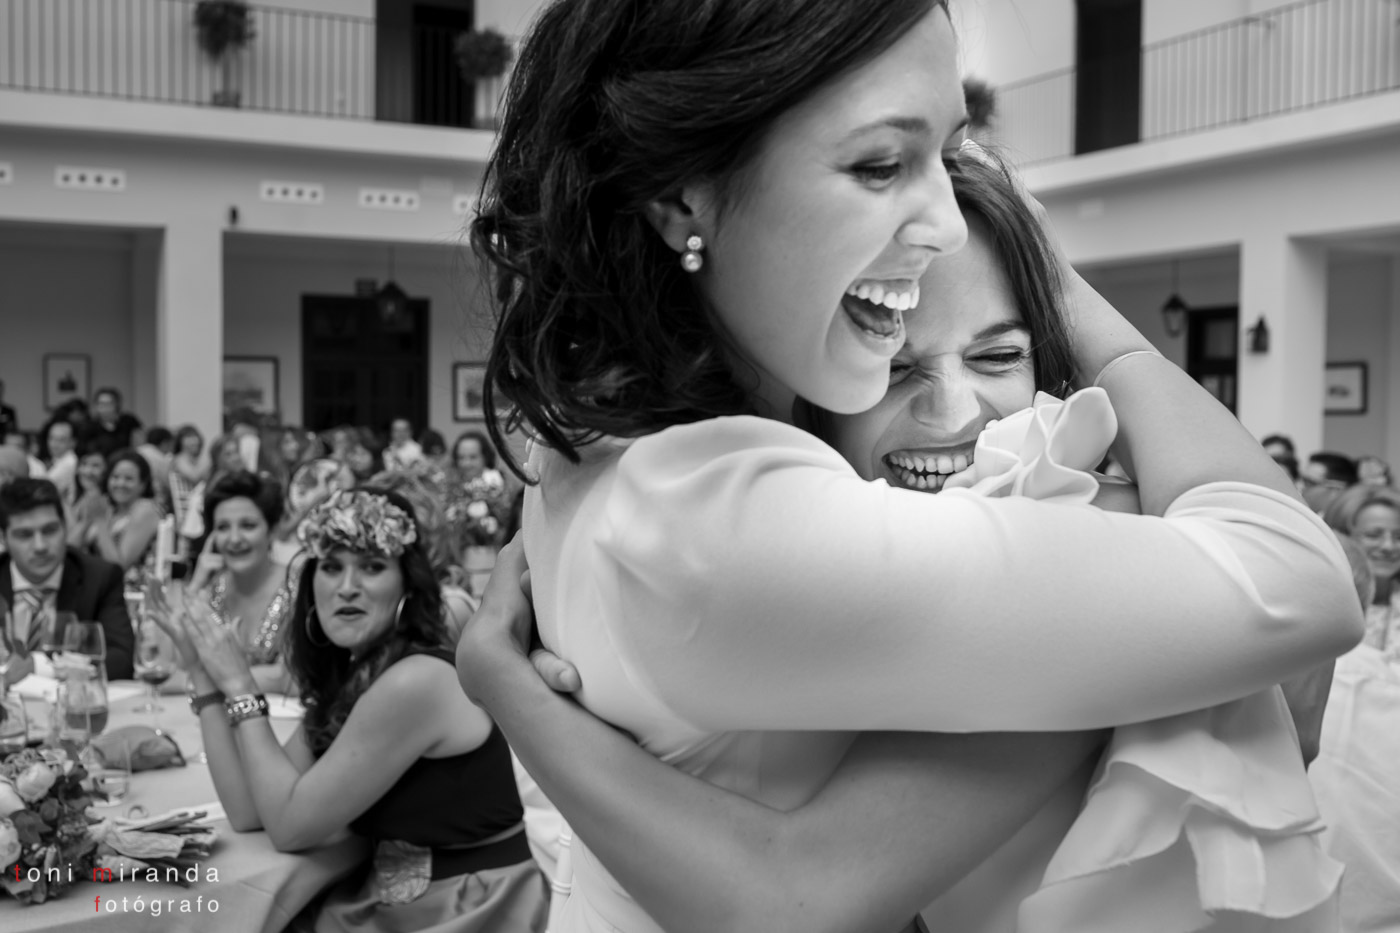 relago de la novia a la amiga en el banquete felices sonriendo abrazadas